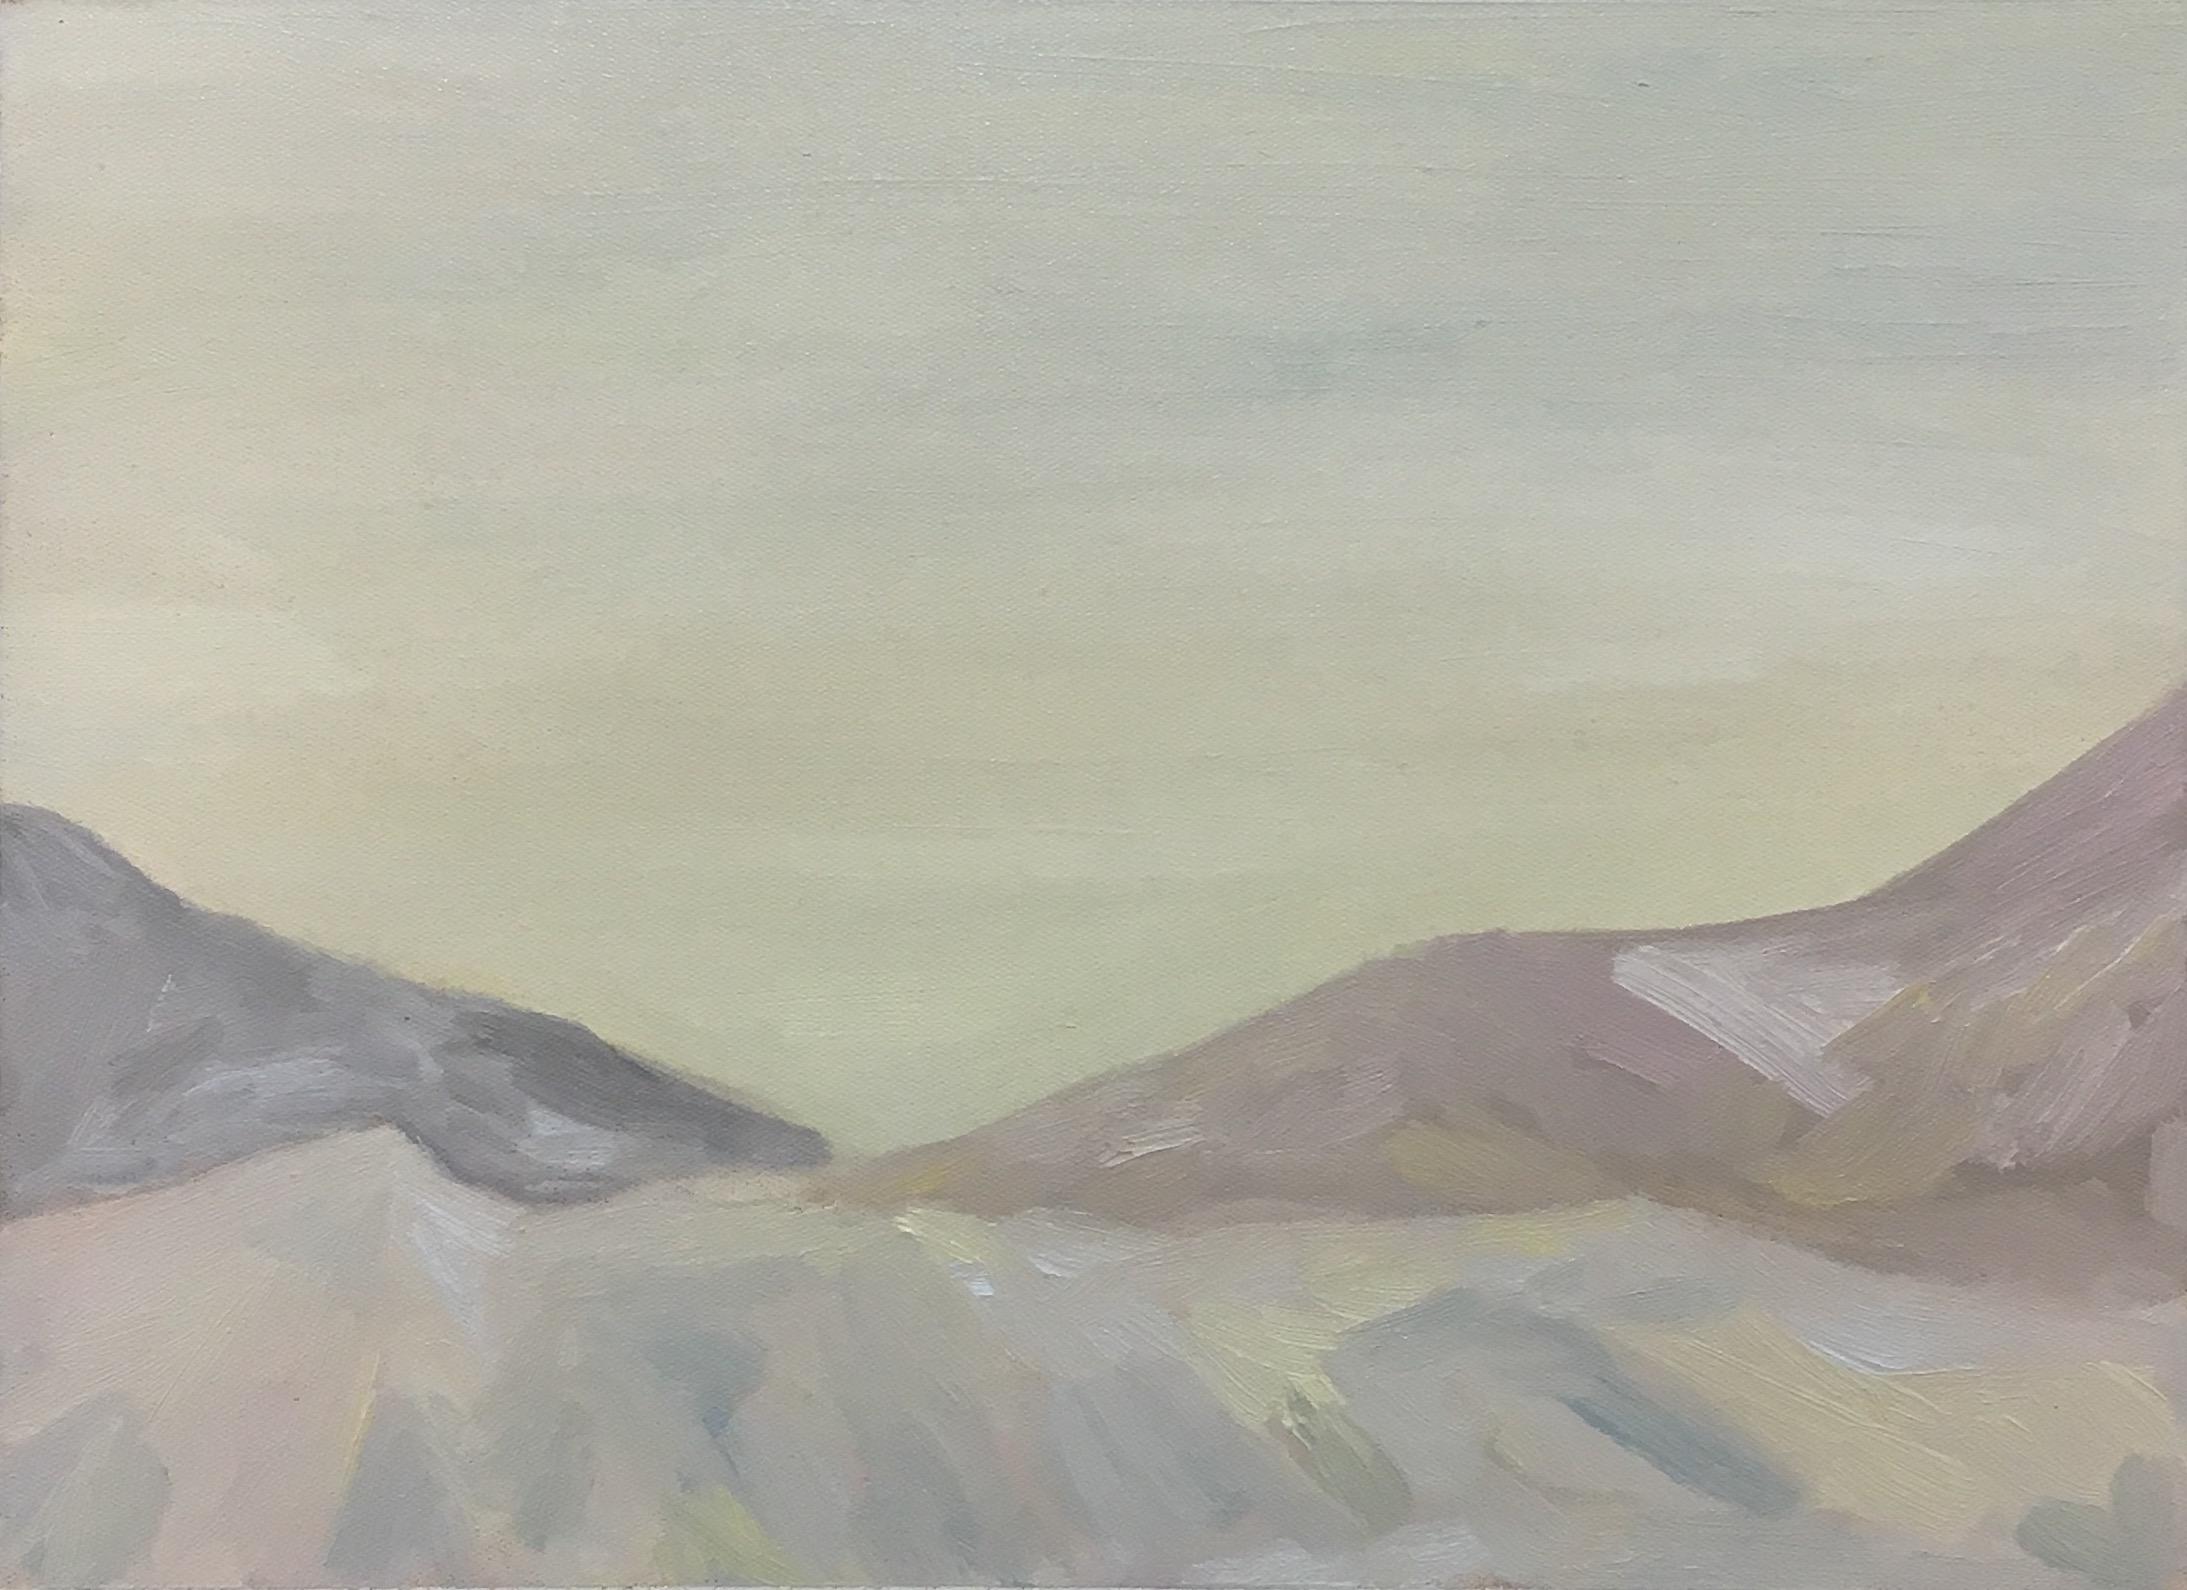 Landscape in a dream, a dream in a landscape